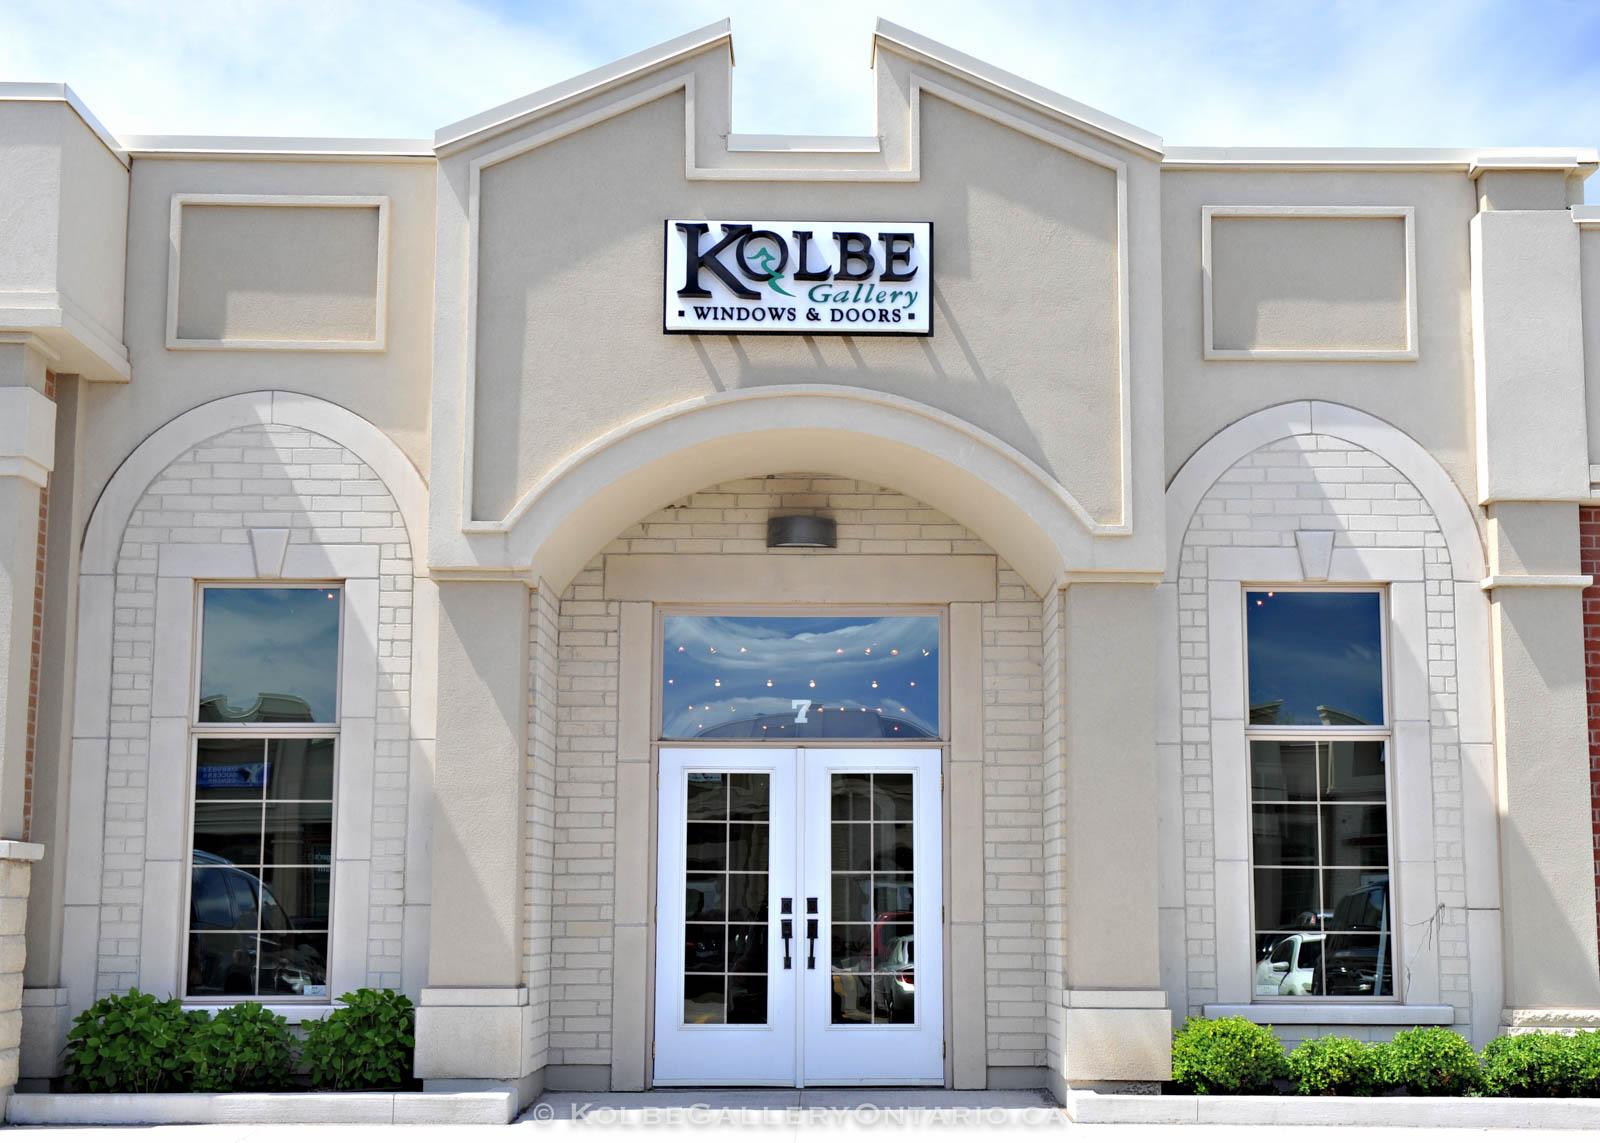 KolbeGalleryOntario.ca-windows-and-doors-Oakville-showroom-20120510-100347